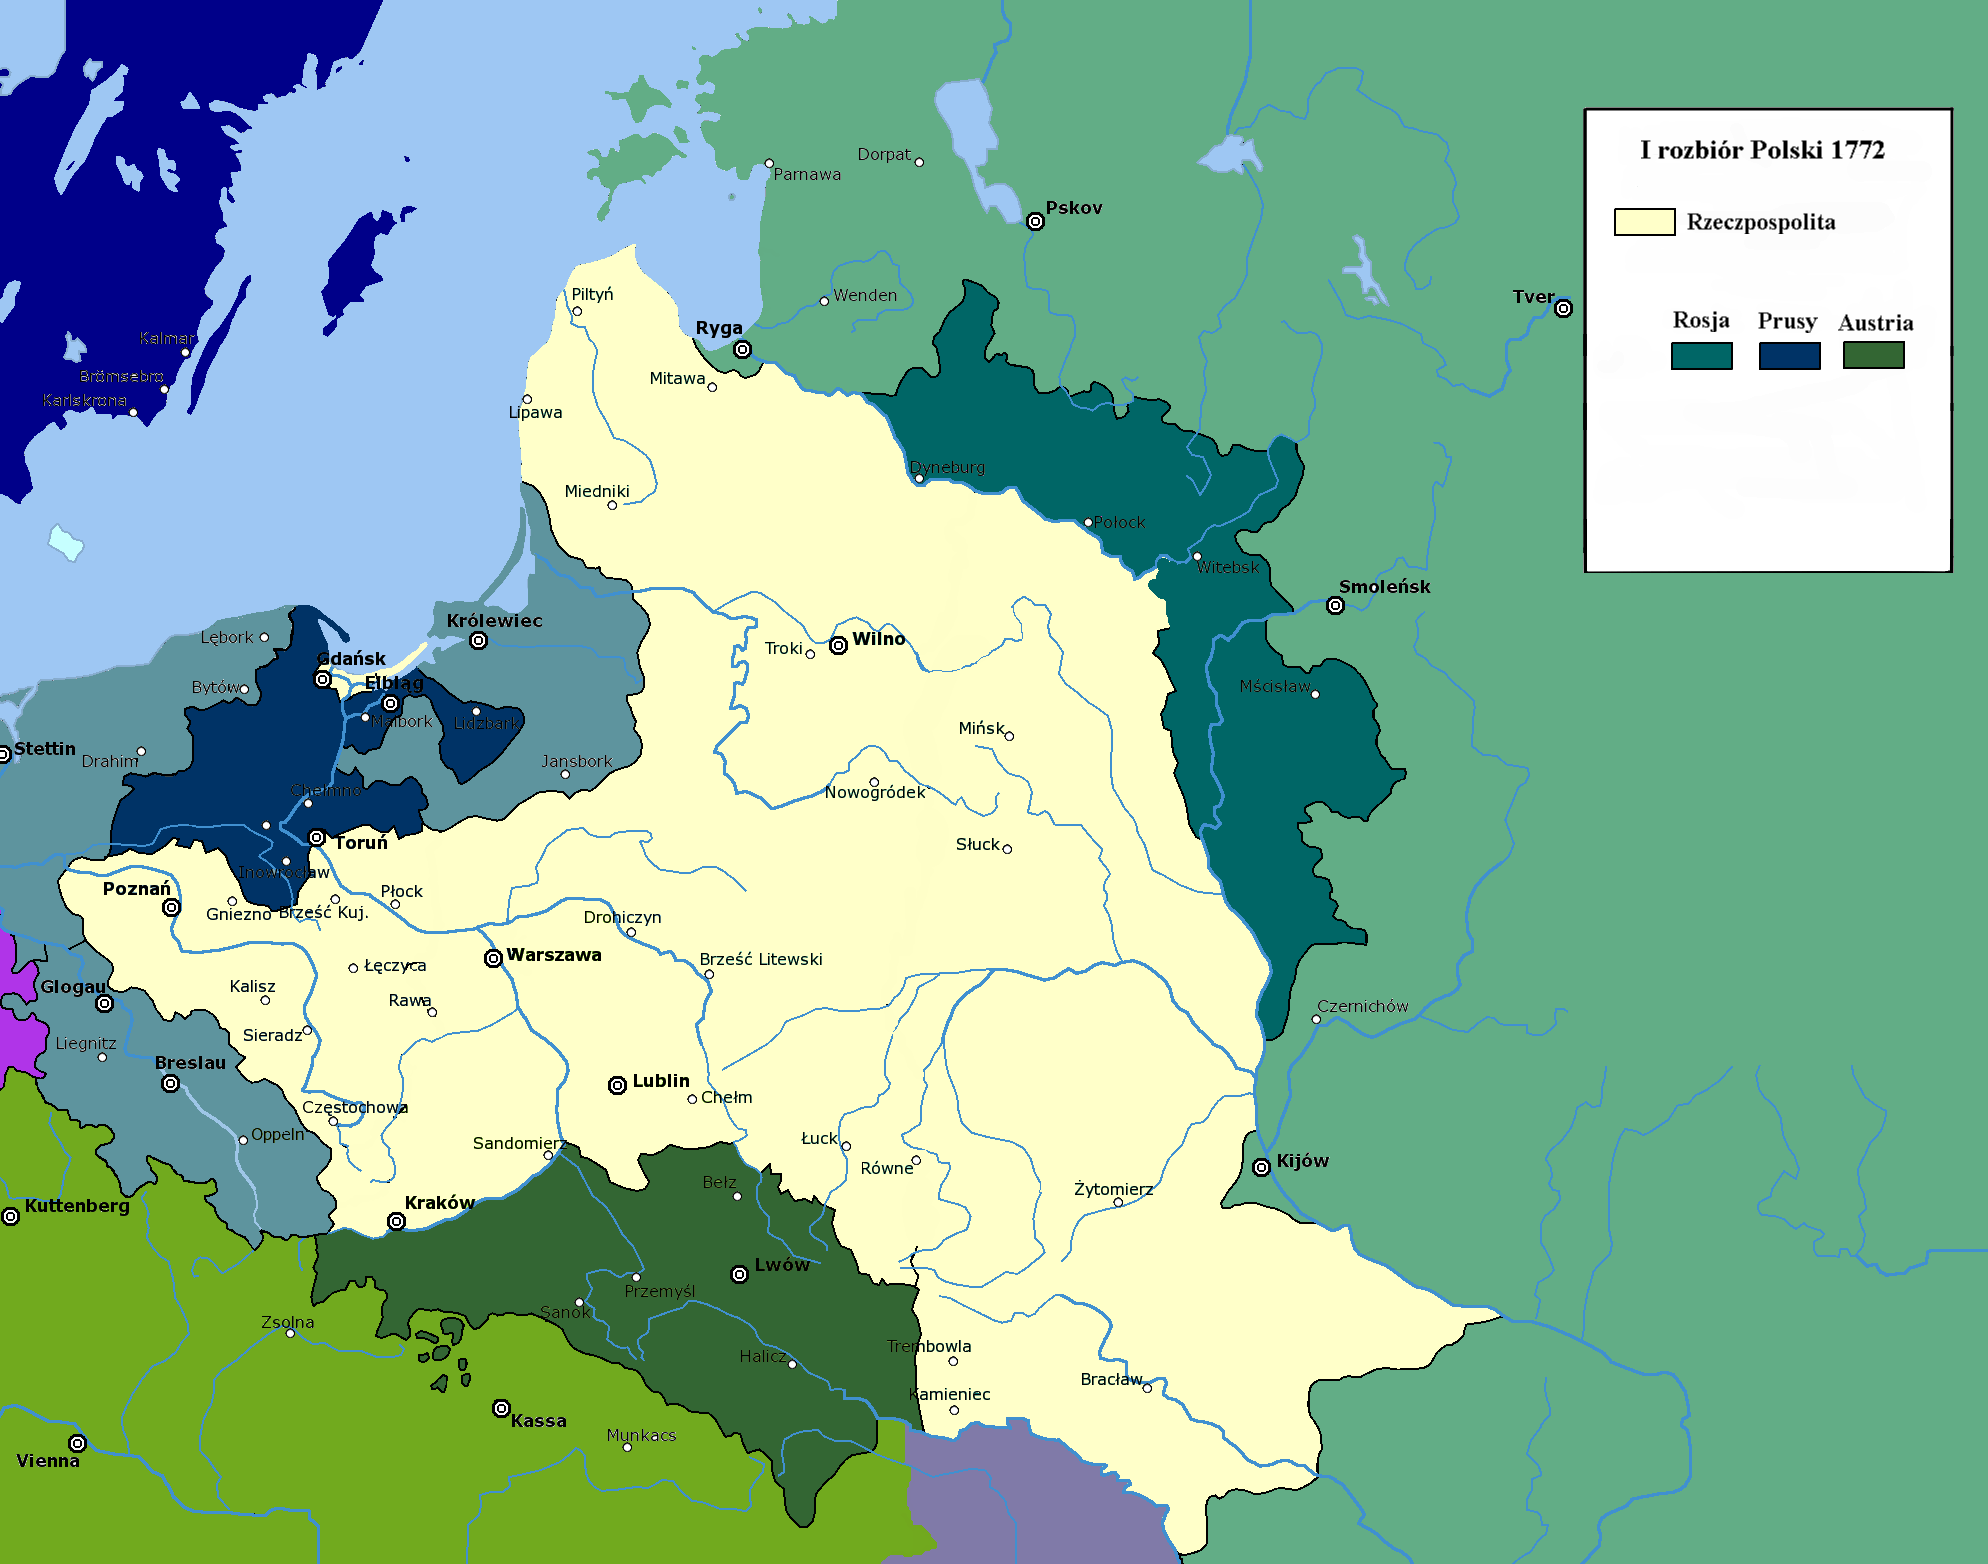 5 Sierpnia 1772 Roku I Rozbiór Polski Czyli